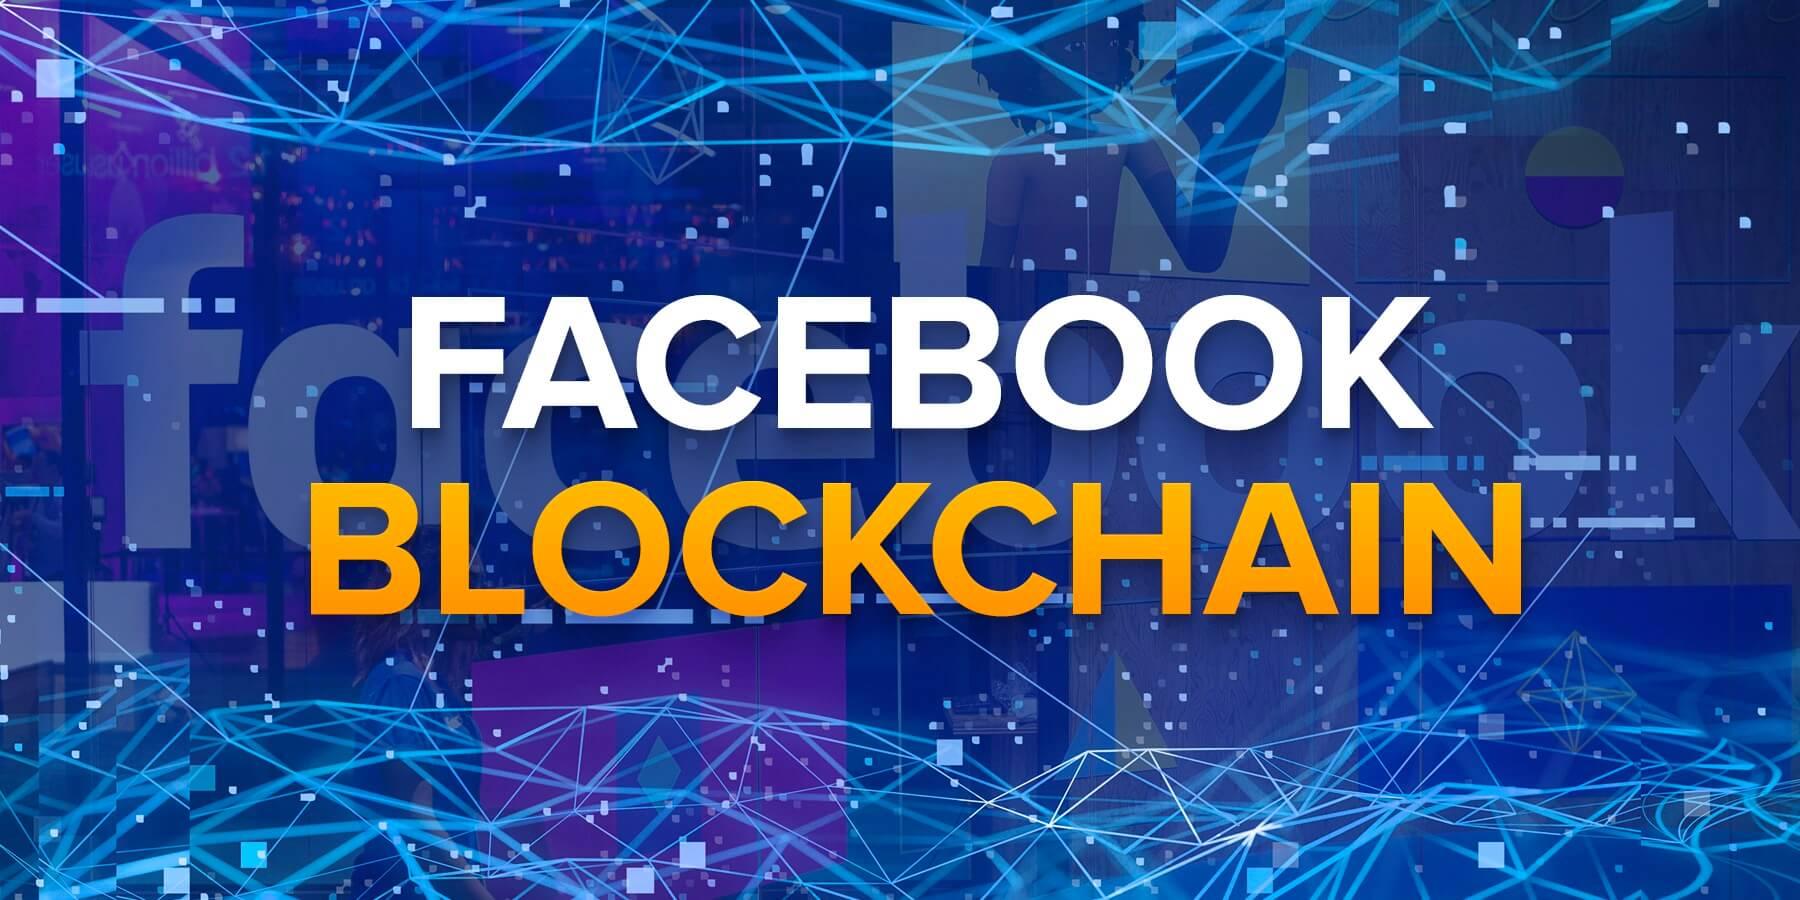 Chúng ta nên mong đợi gì từ nhóm Blockchain của FB?